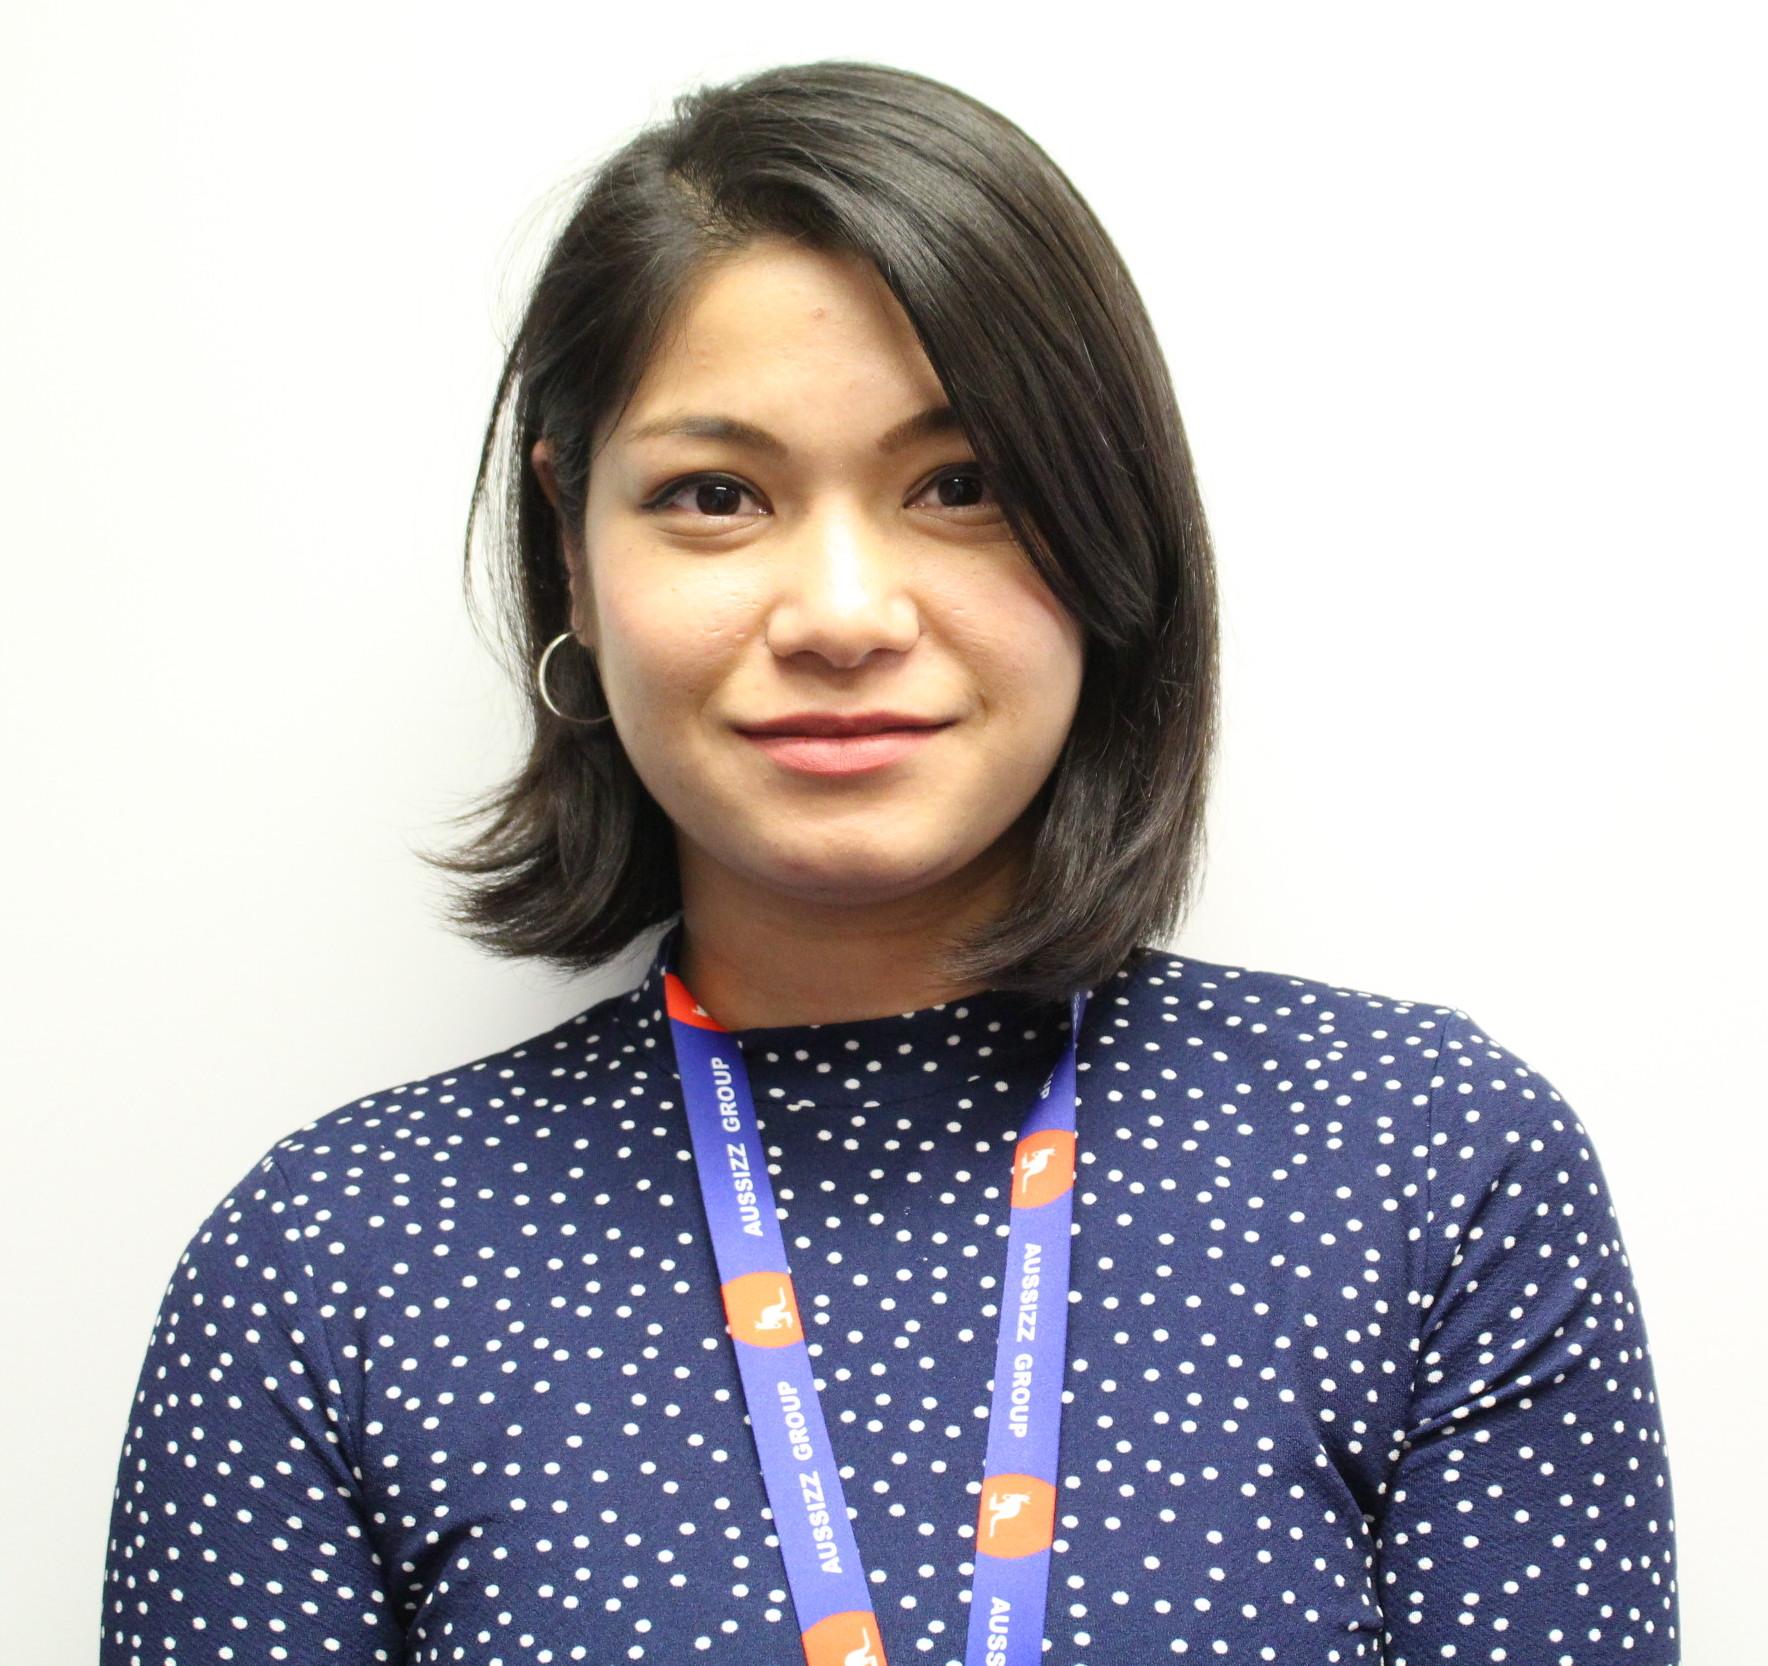 Ana Shrestha